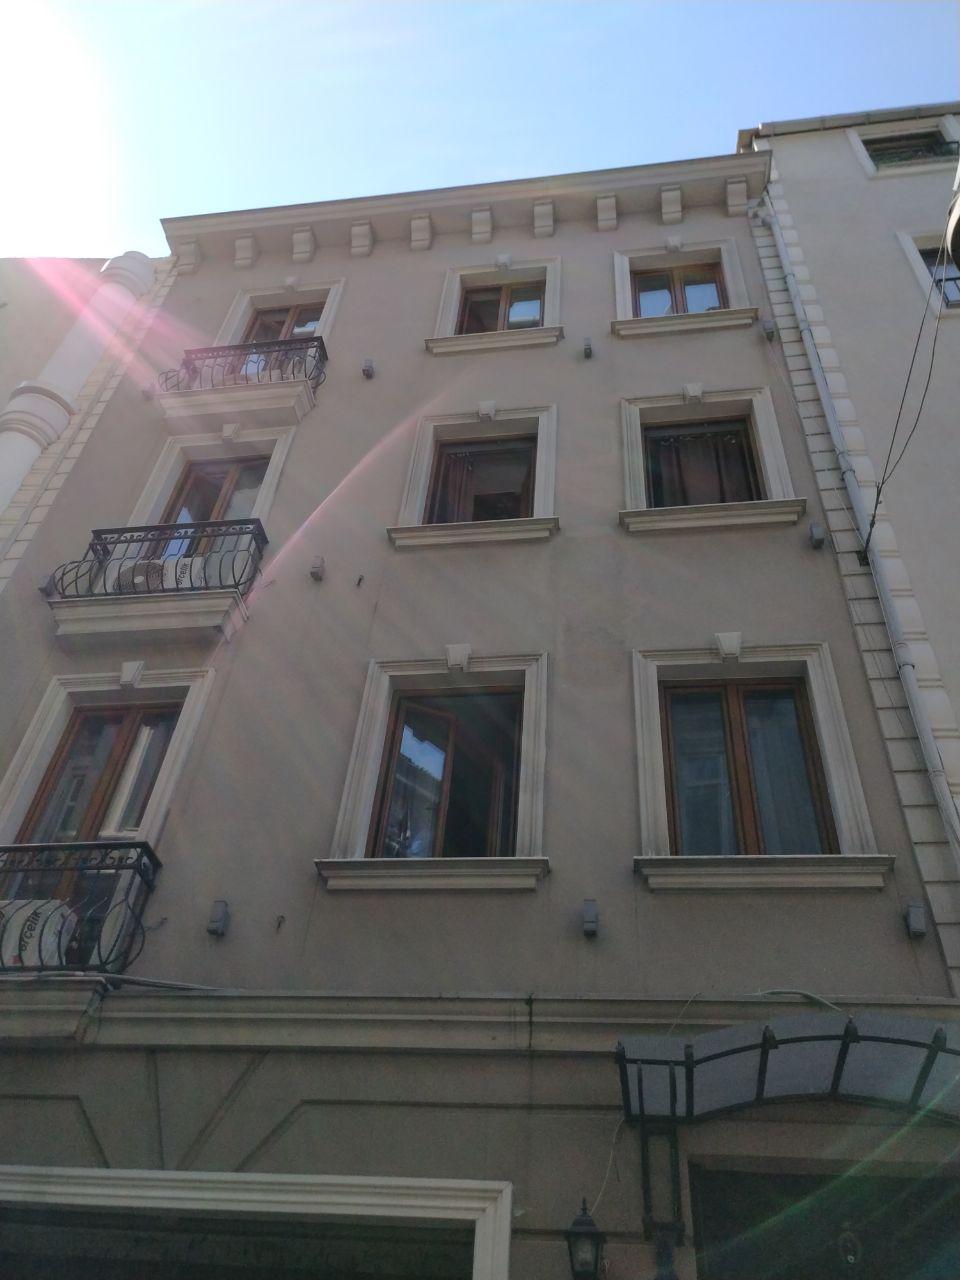 Stay Inn Hostel in Taksim, Istanbul, Turkey hostel